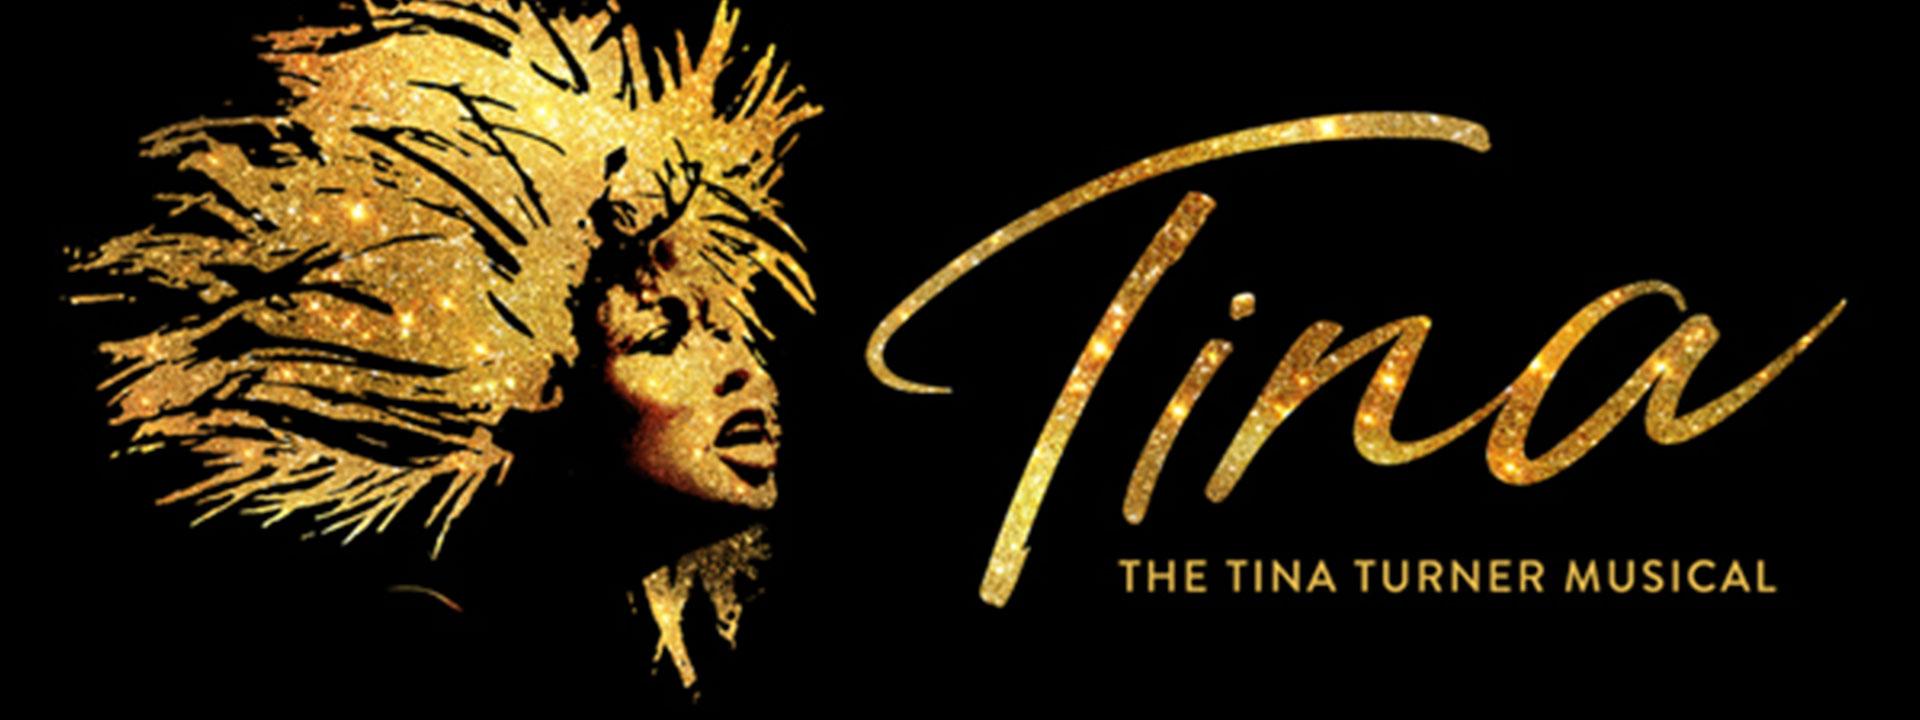 Tina Turner musical logo